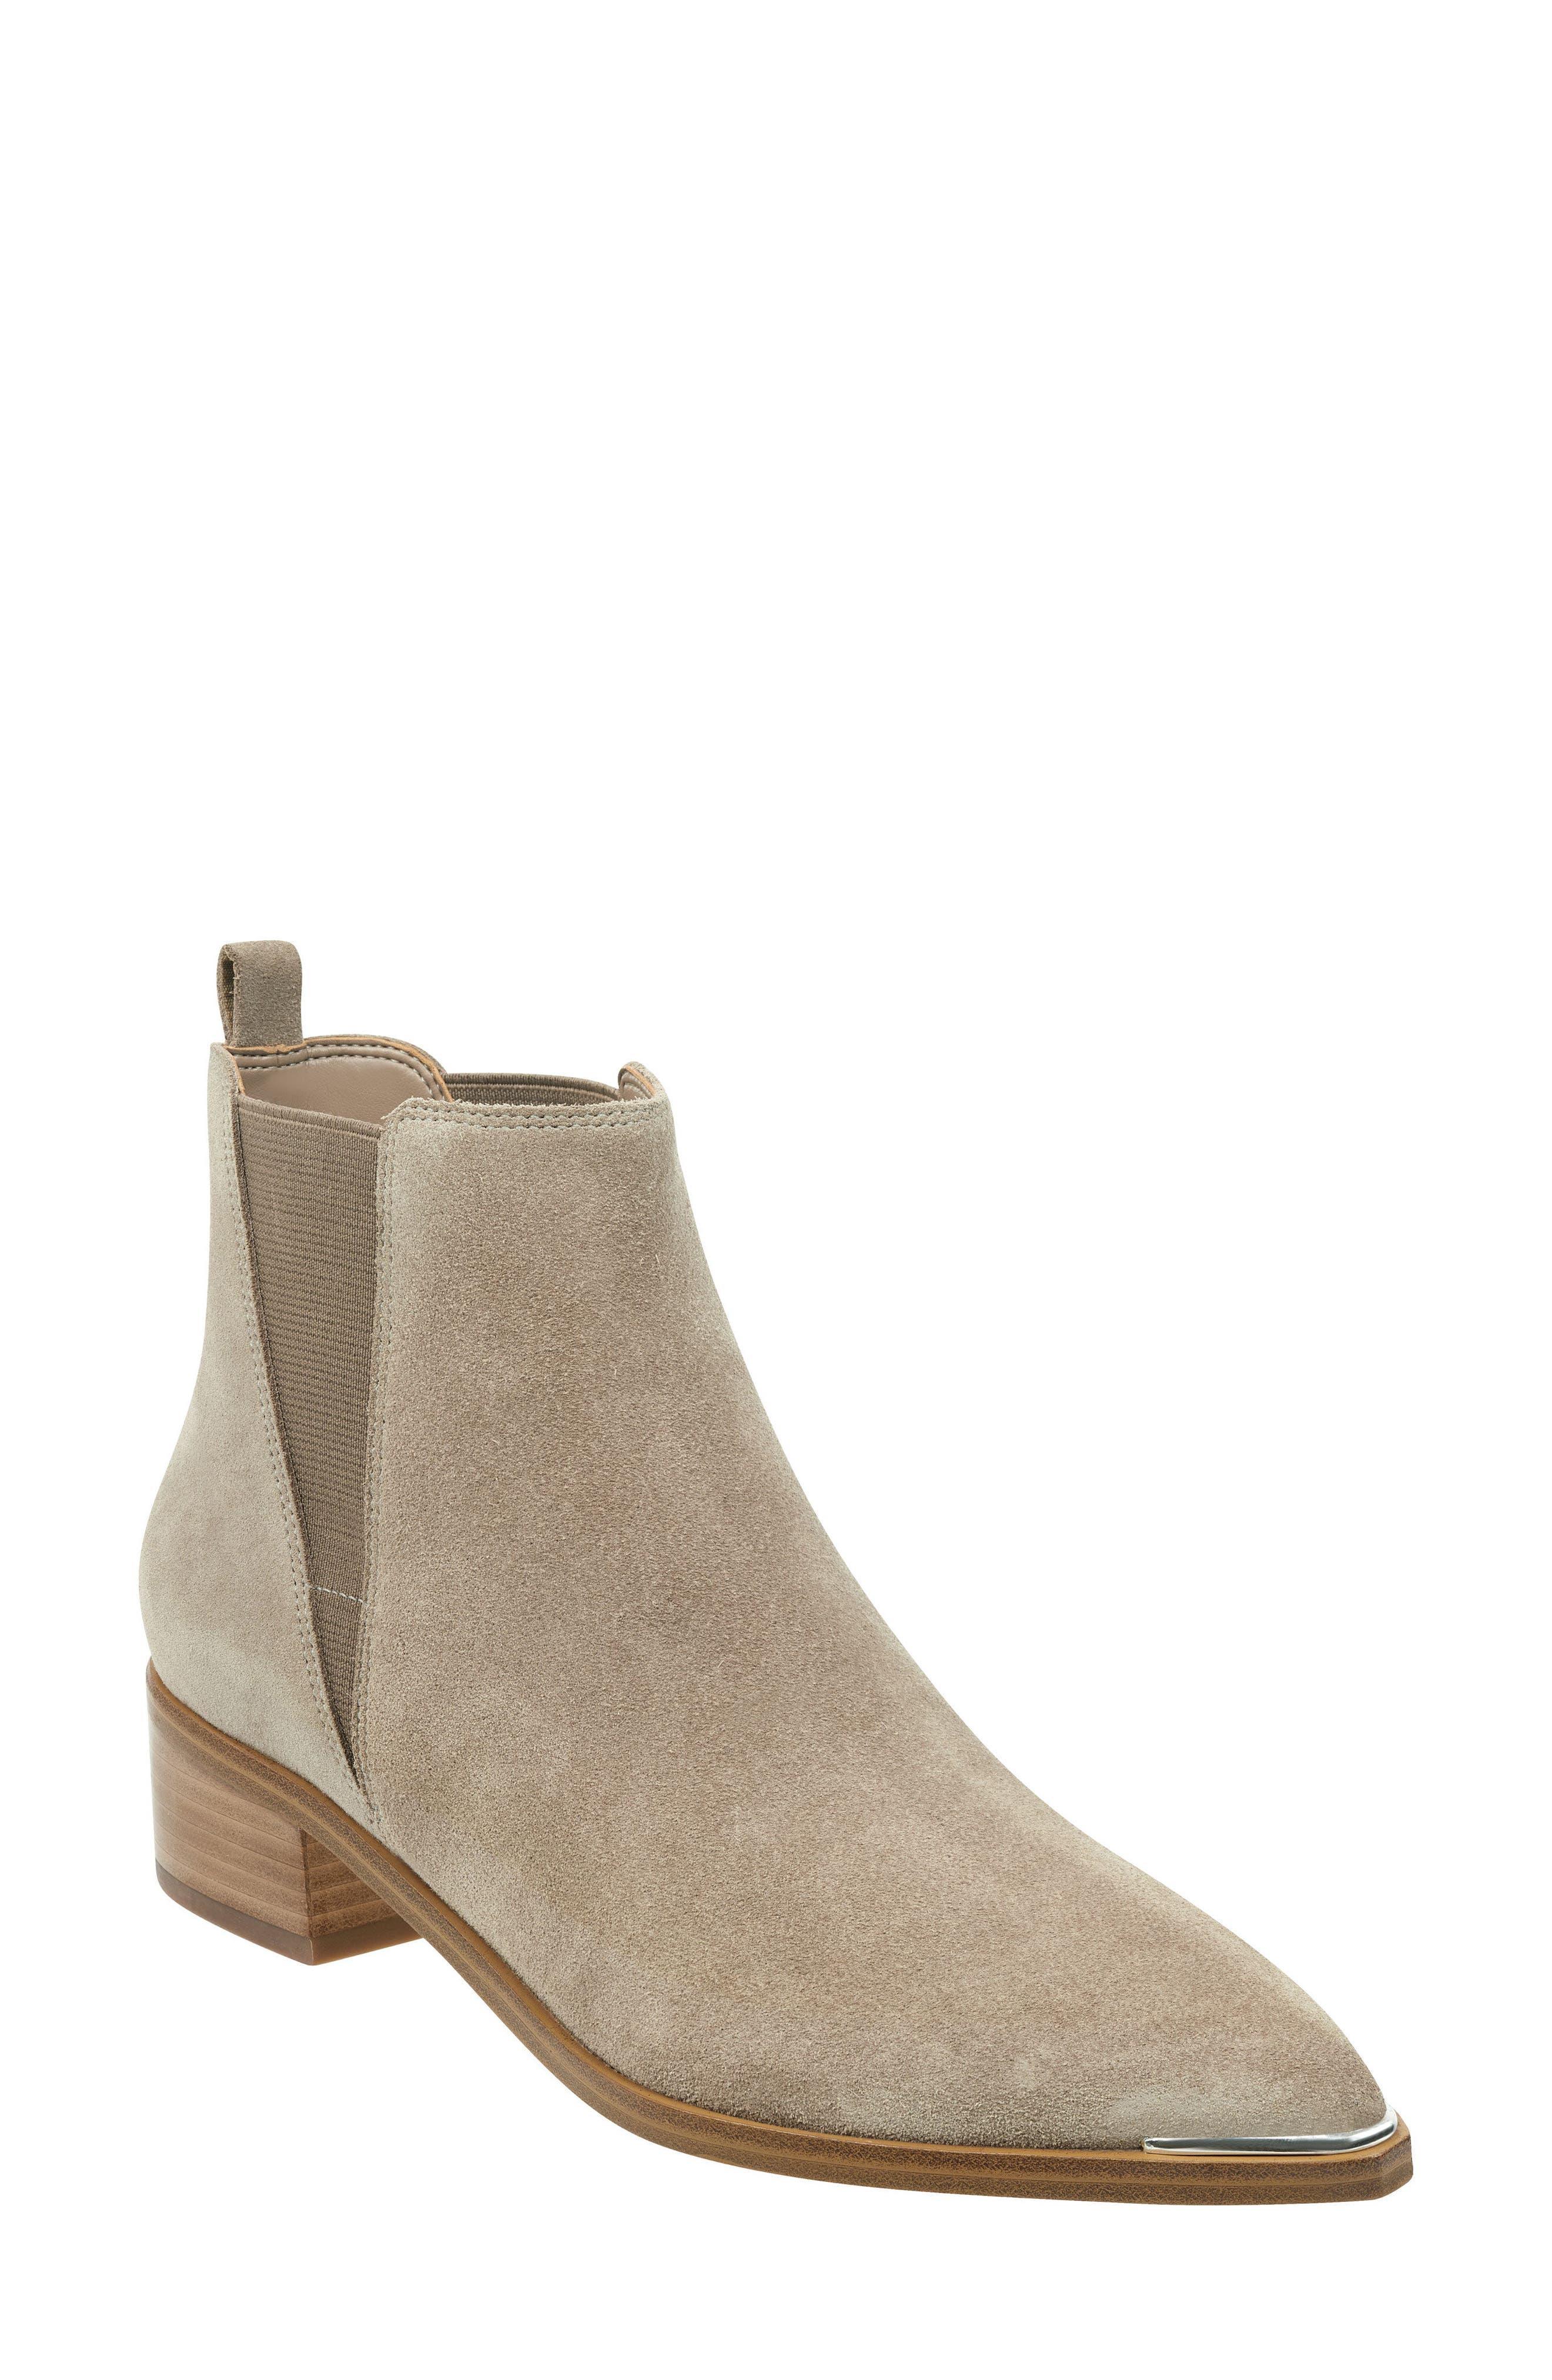 bd3669dd3153ee Women s Marc Fisher LTD Shoes